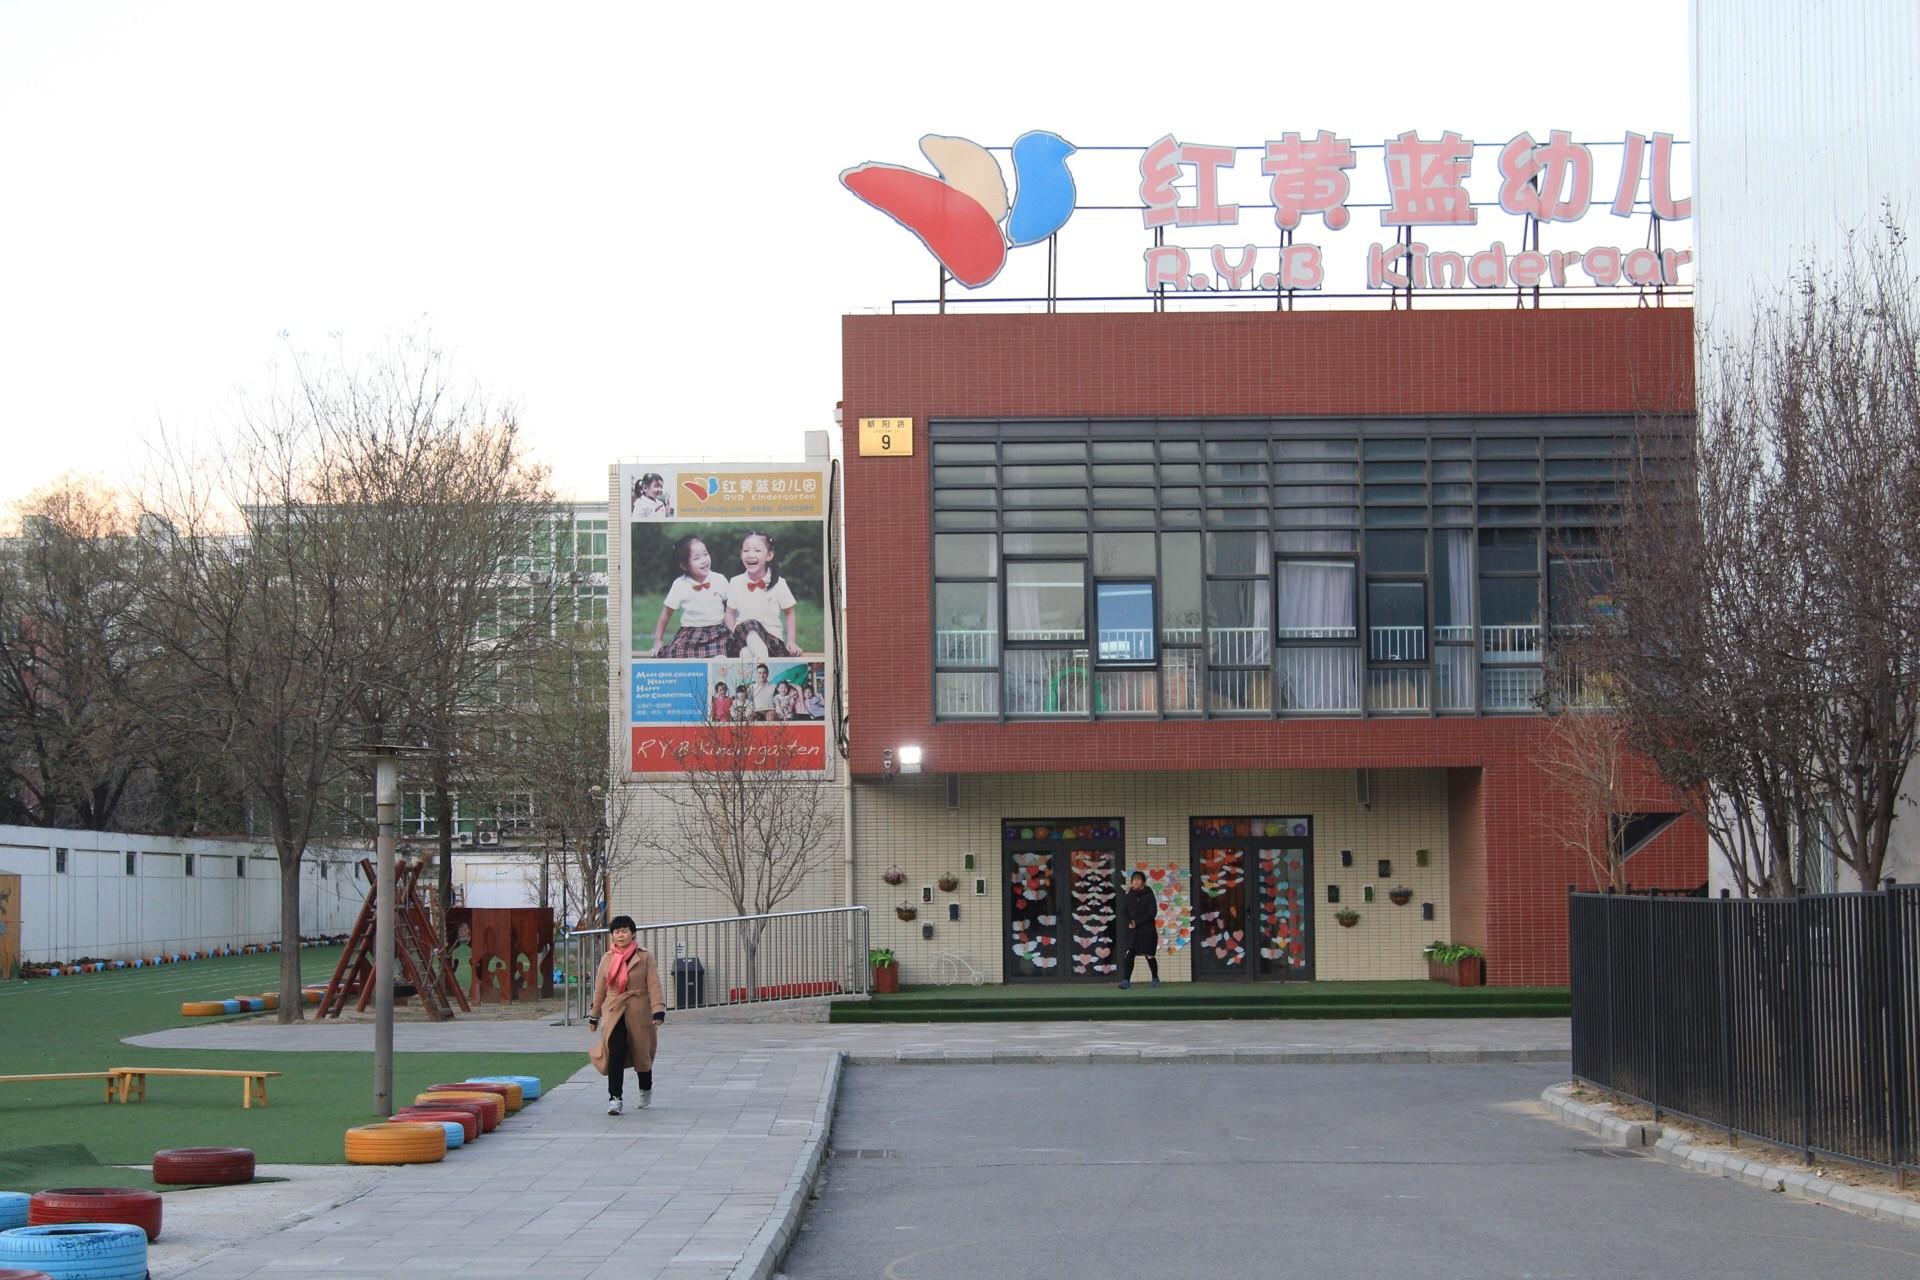 新闻正文   近日,红黄蓝幼儿园事件在社会各界引发轩然大波,北京朝阳